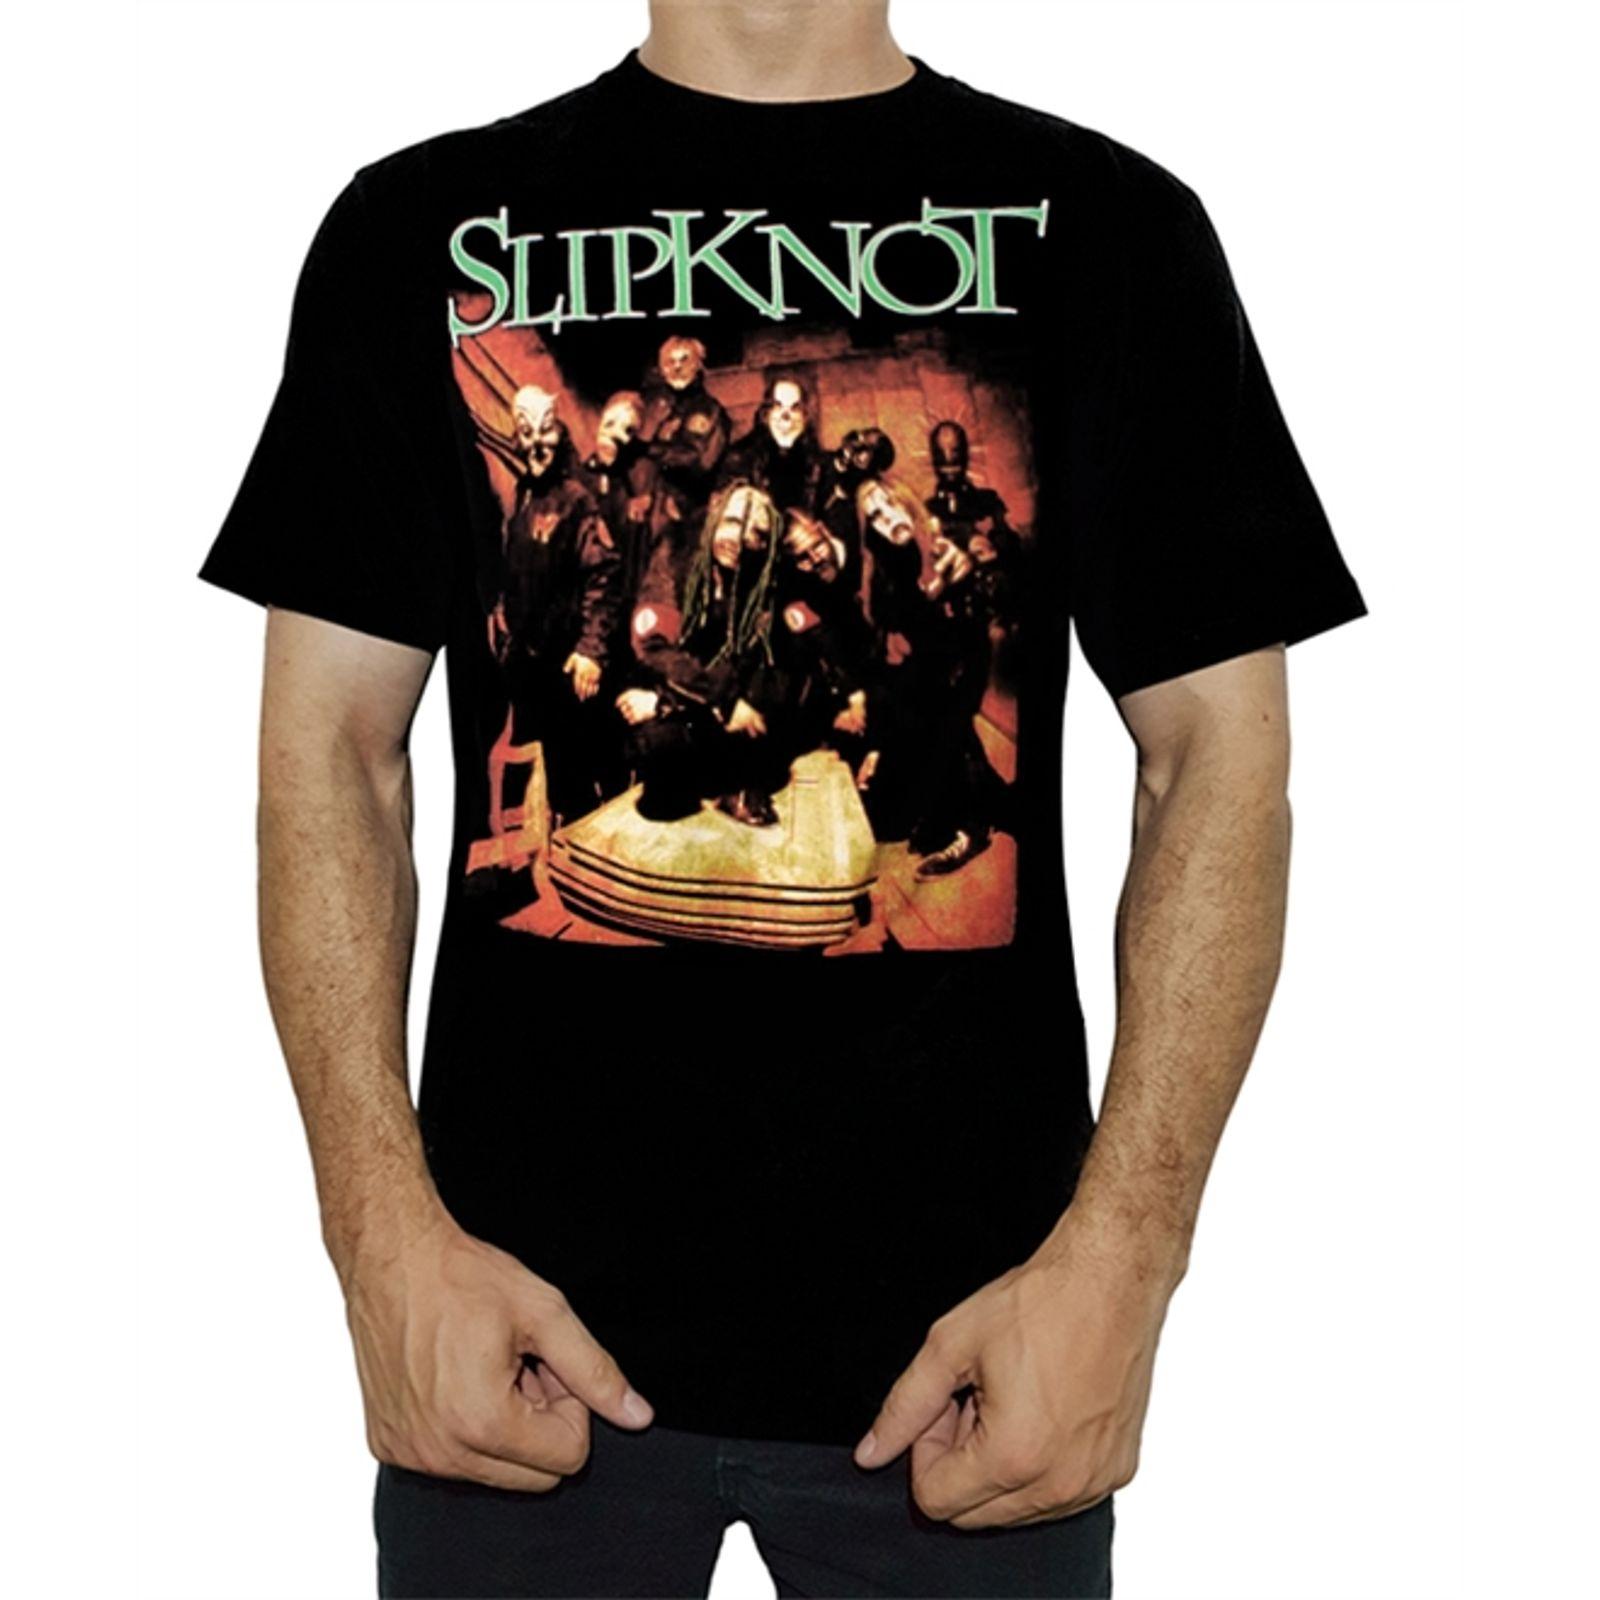 Camiseta Slipknot Negra Manga Corta Tshirt